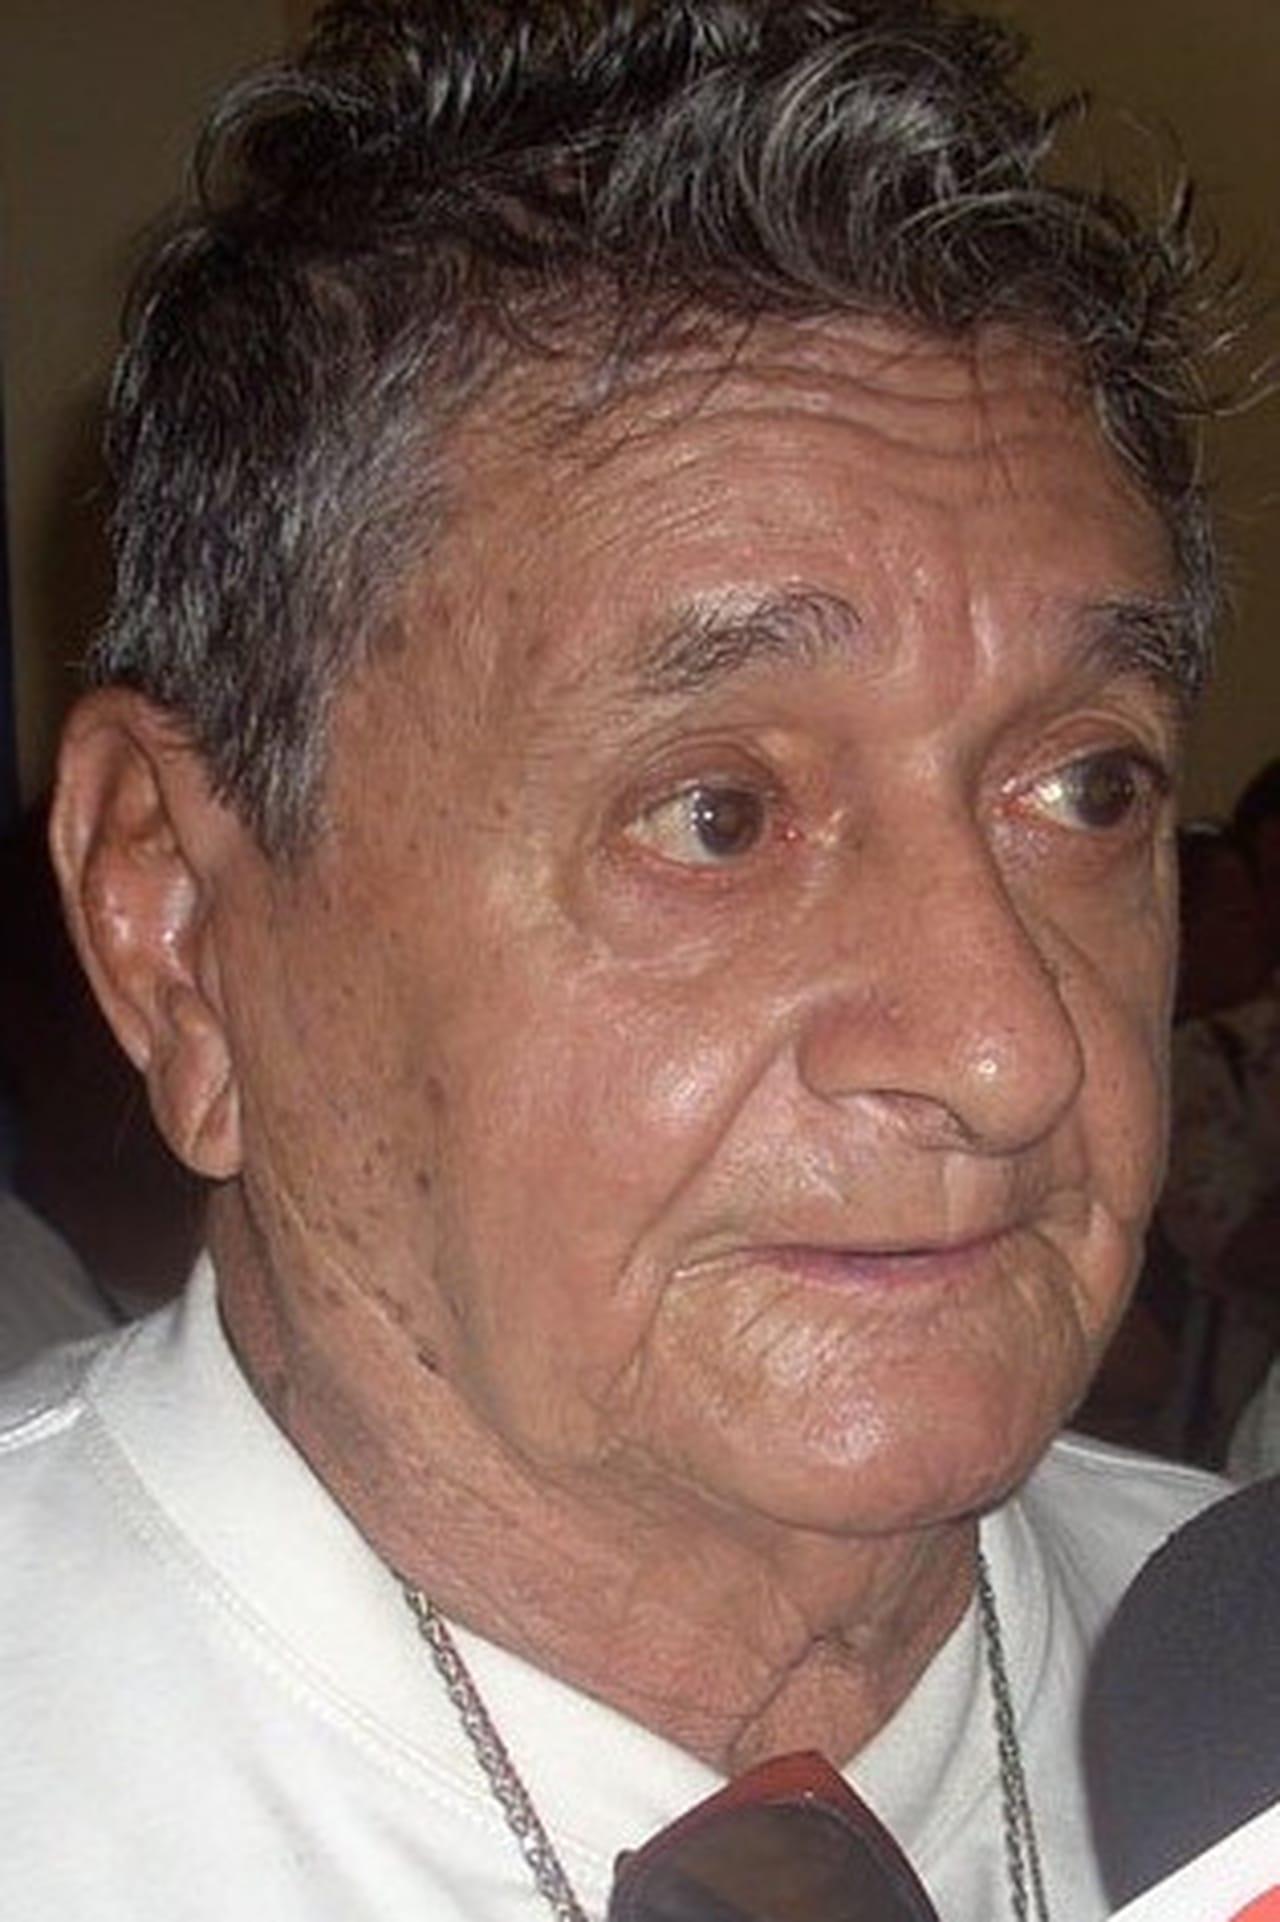 Huerequeque Enrique Bohórquez